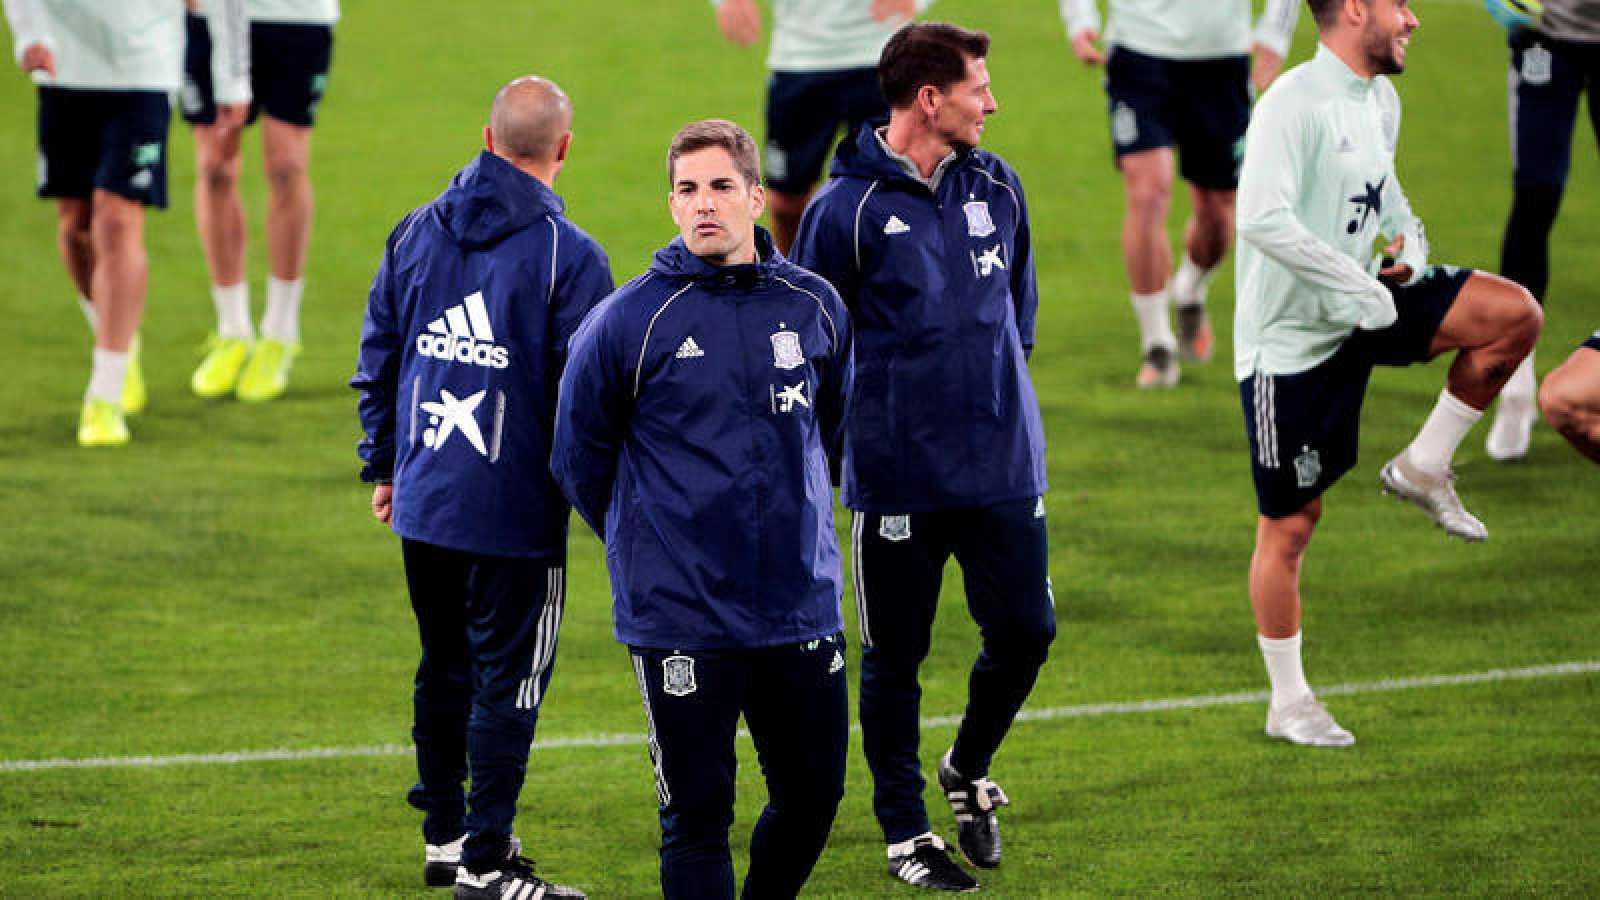 El seleccionador de España, Robert Moreno (c), durante el entrenamiento en el Estadio Carranza.